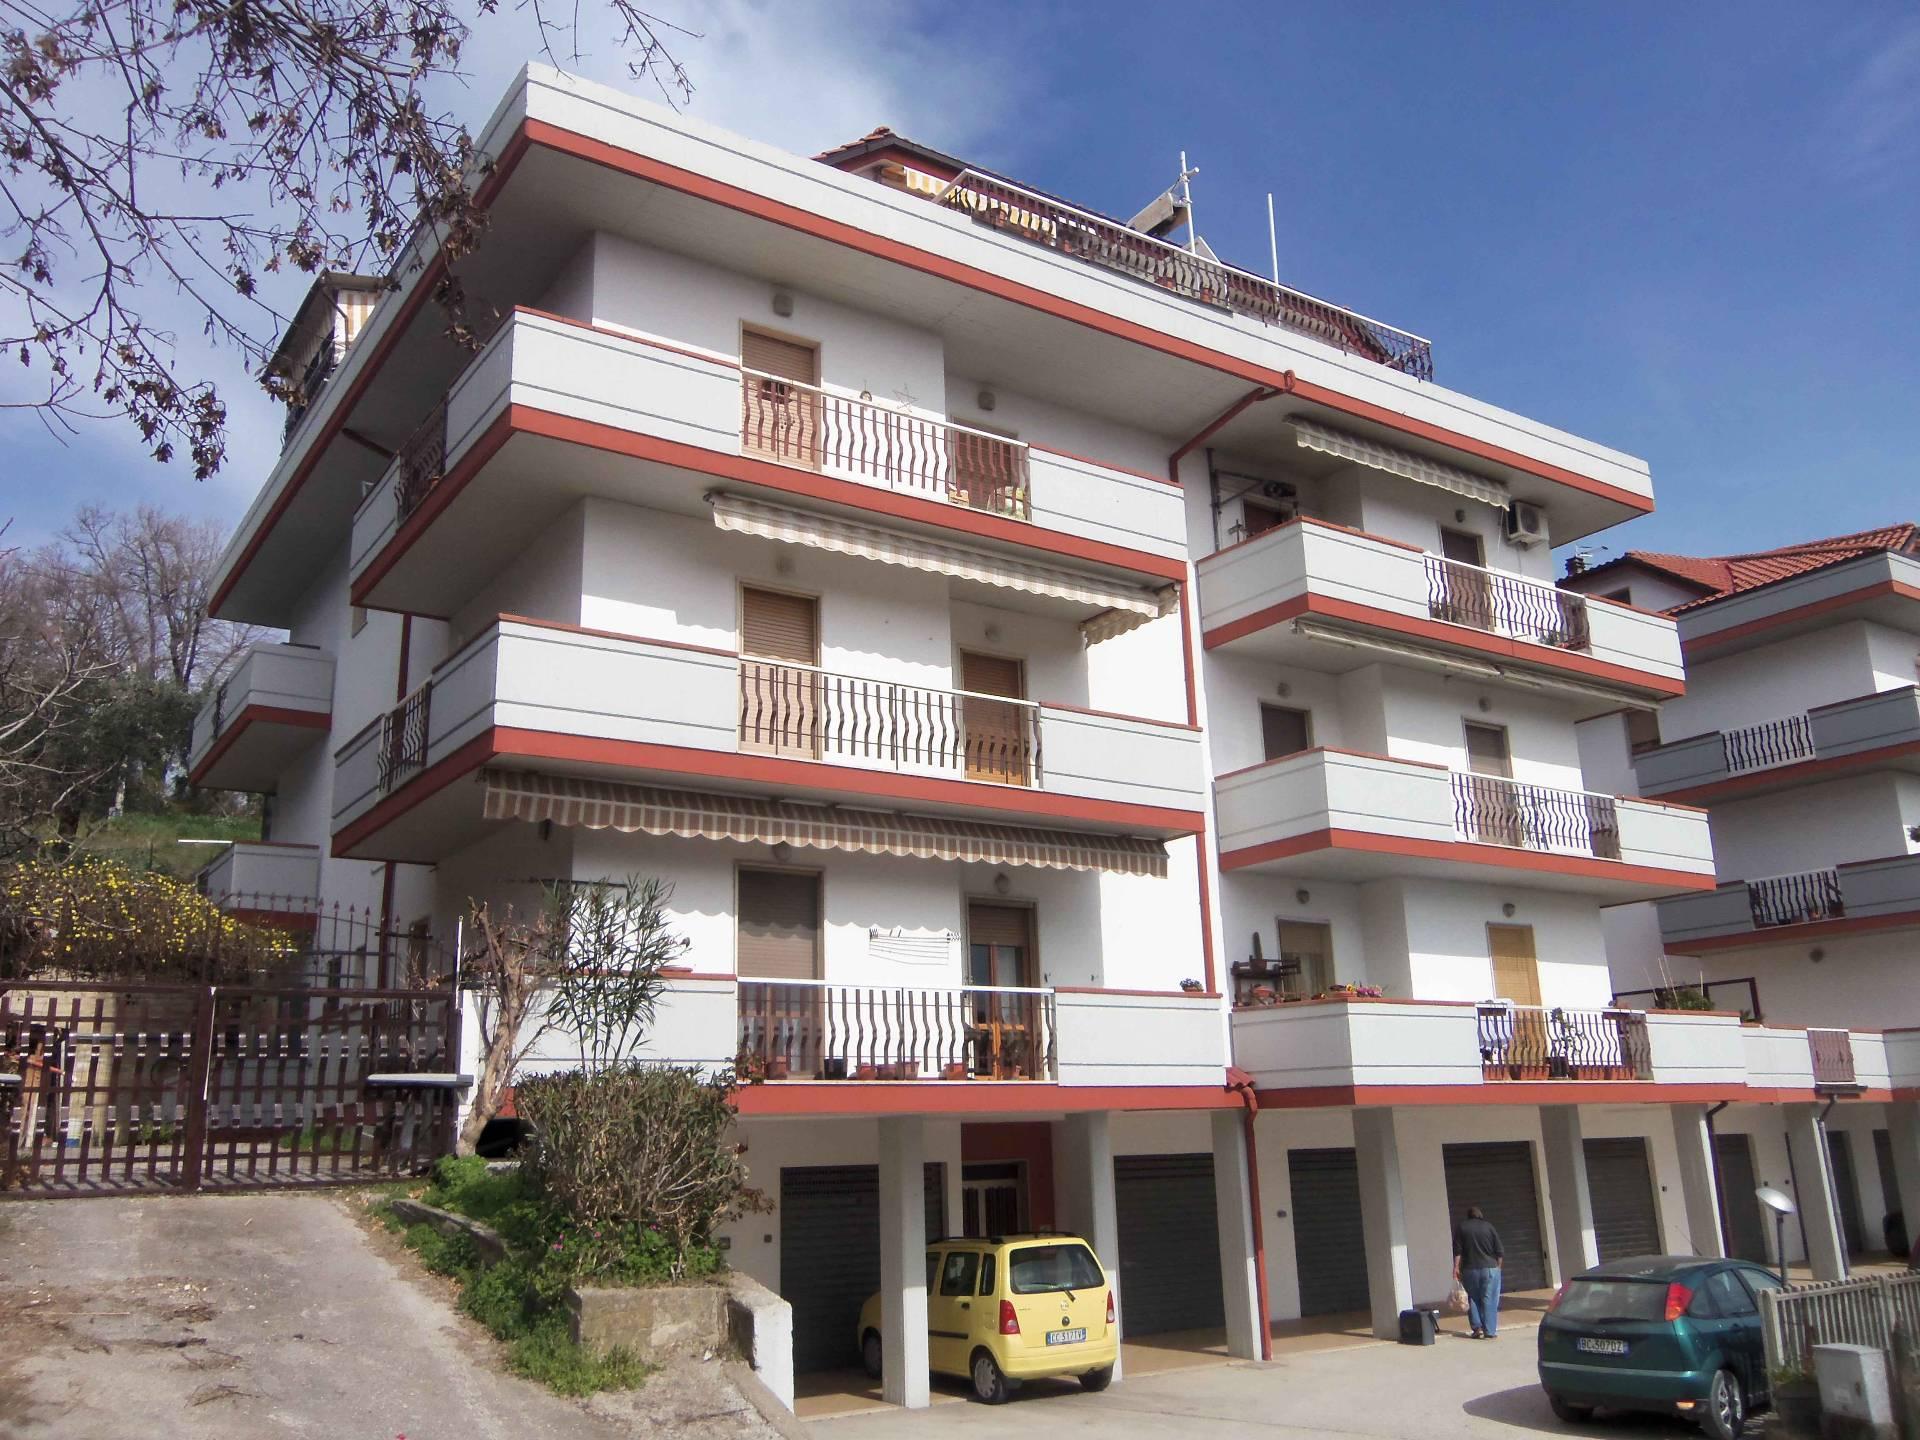 Appartamento in vendita a Ripatransone, 5 locali, zona Località: SanSavino, prezzo € 110.000 | CambioCasa.it